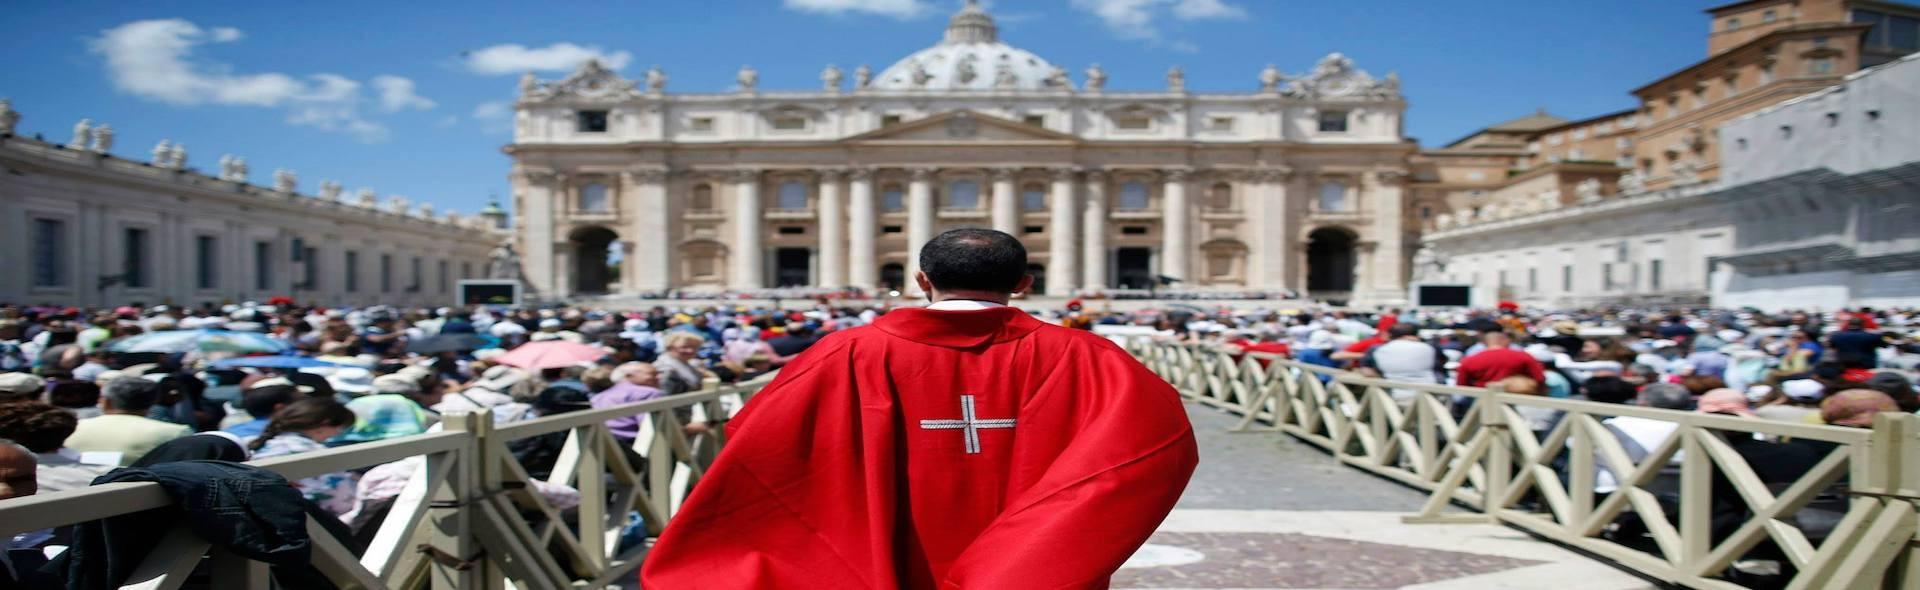 Pellegrinaggio a Roma Udienza dal Papa Marzo